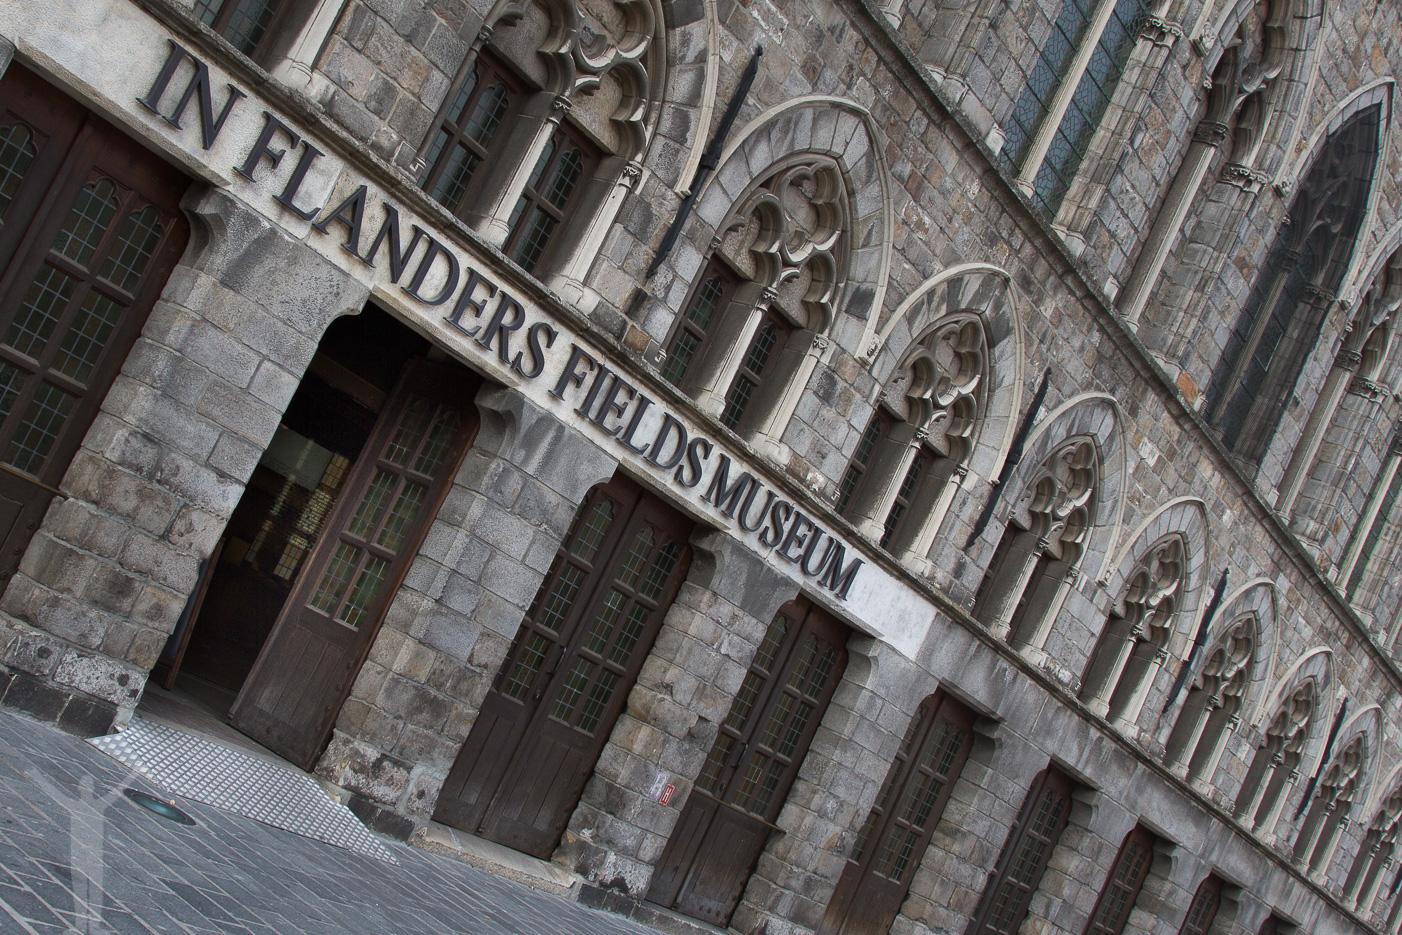 Flandern Fields Museum